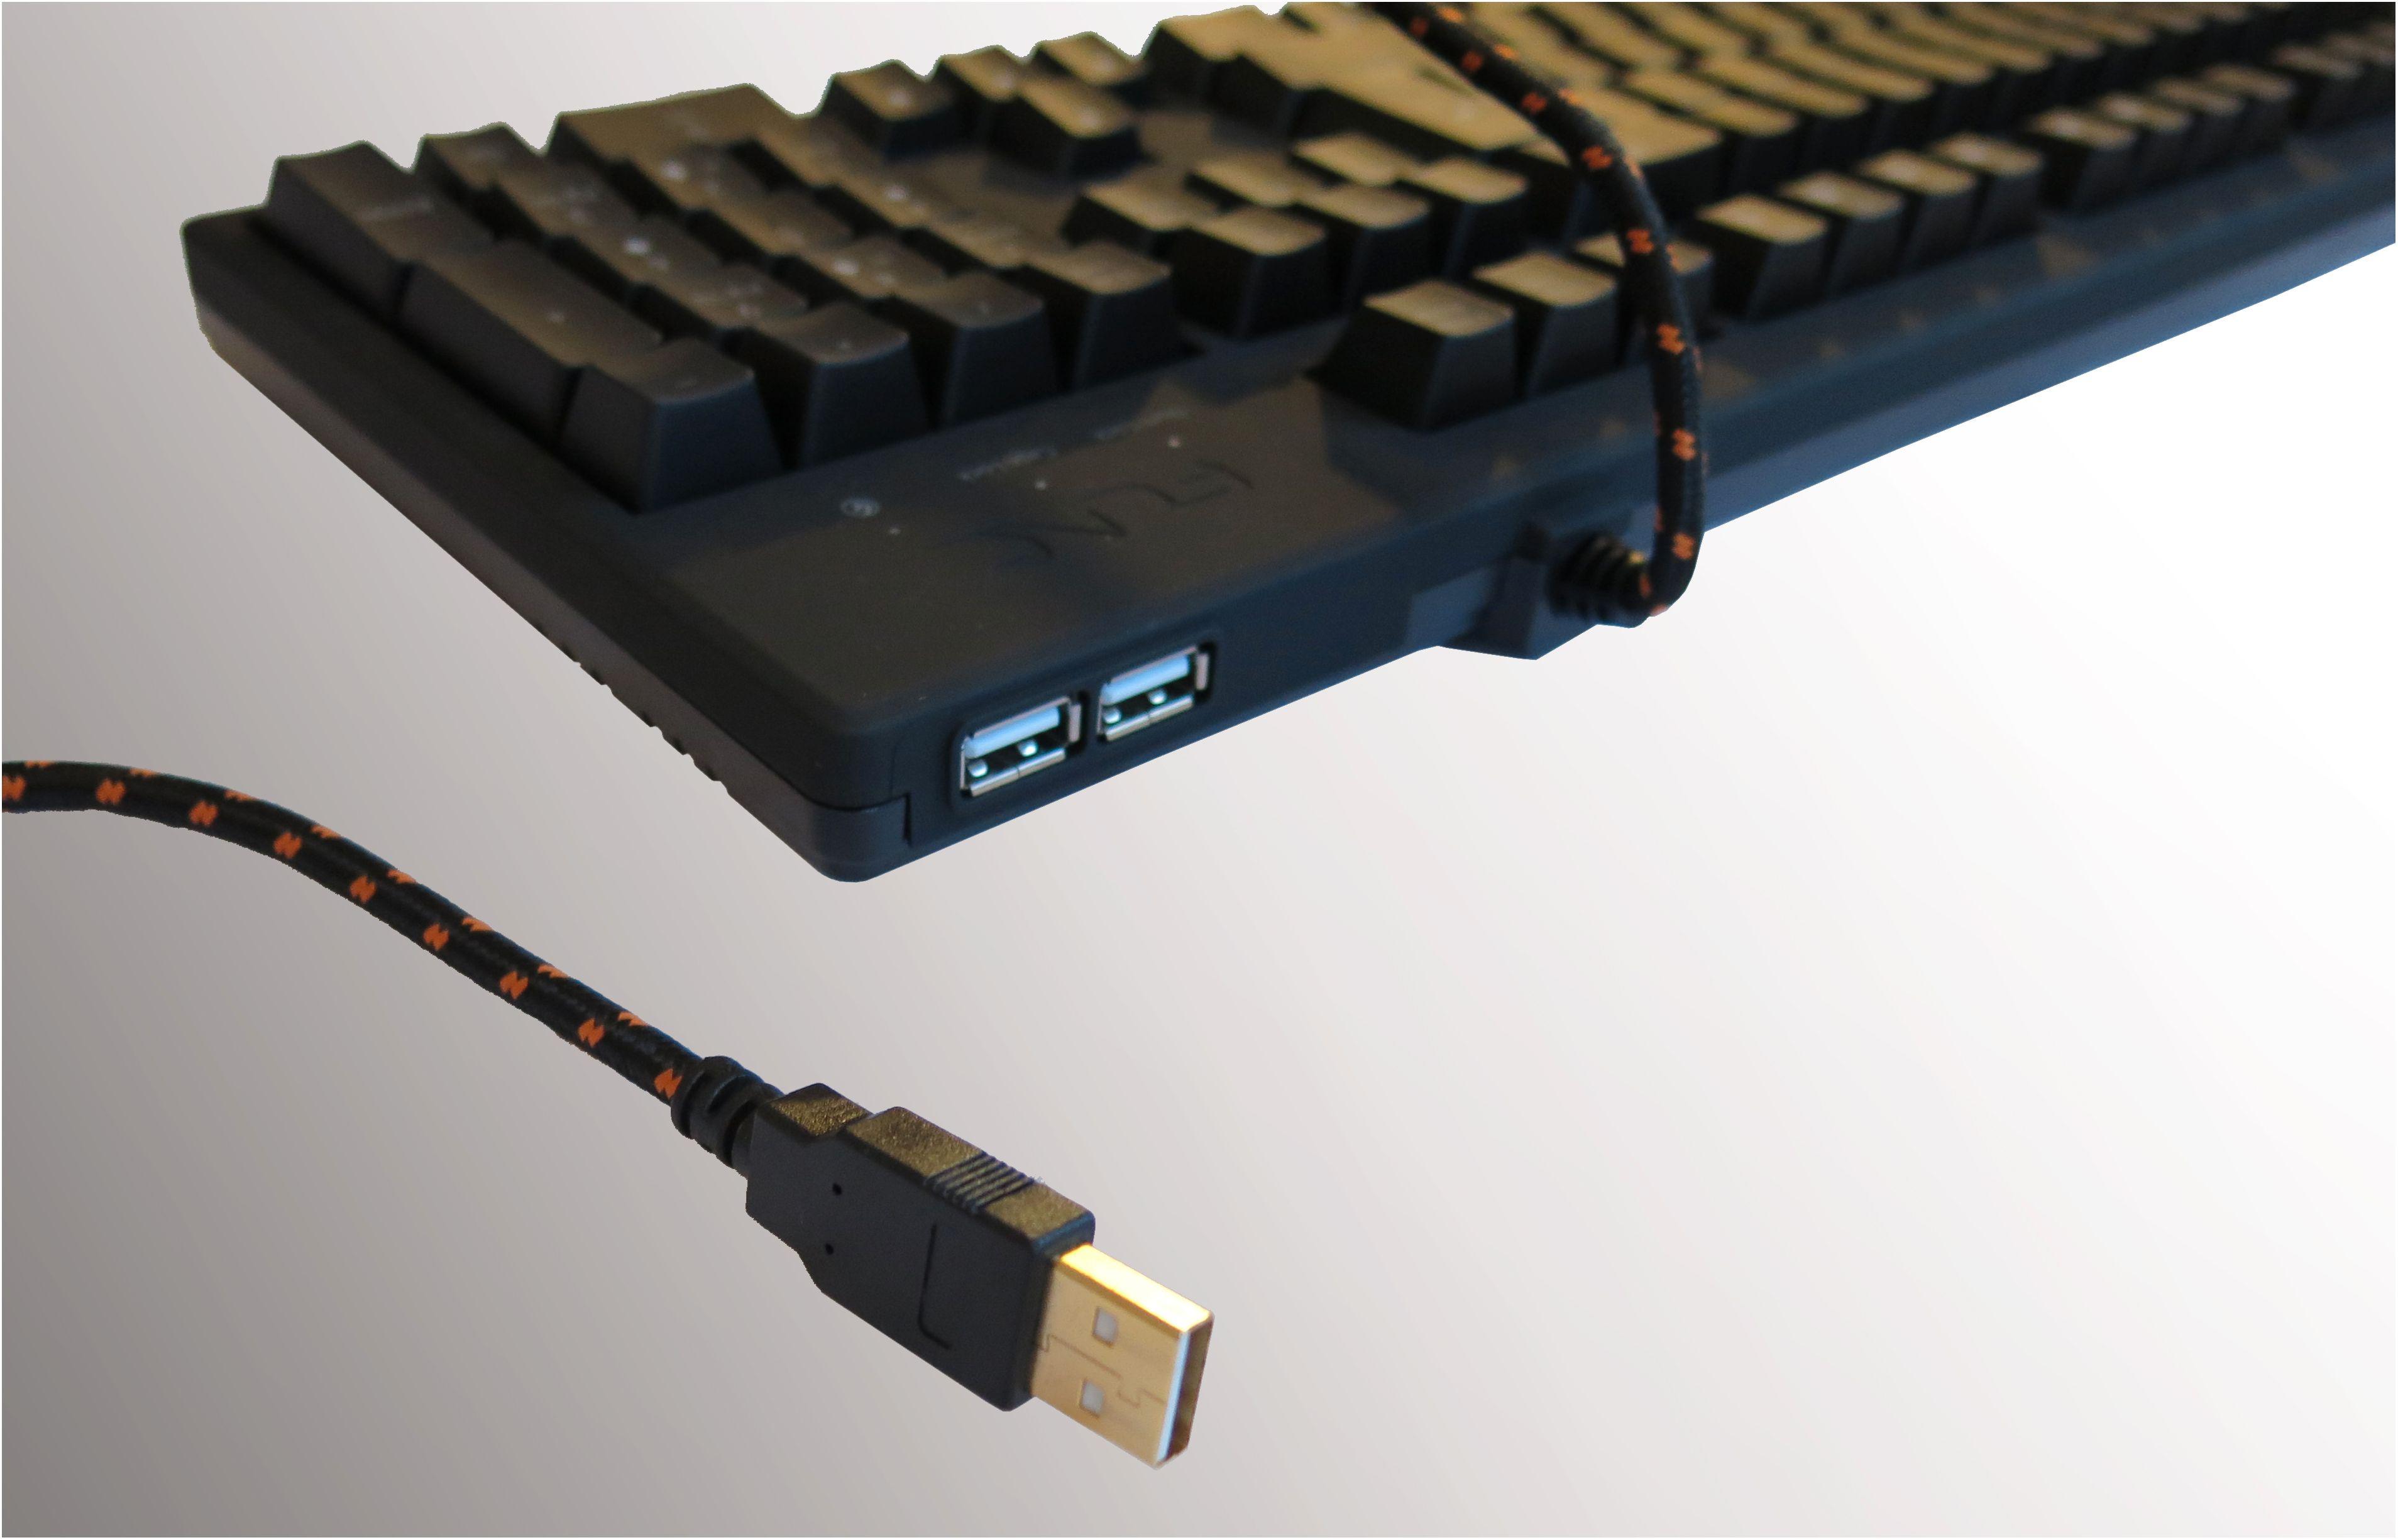 To USB 2.0-porter i bakkant, som forsynes med strøm fra én USB-kabel. Foto: Torstein Sørnes, Hardware.no